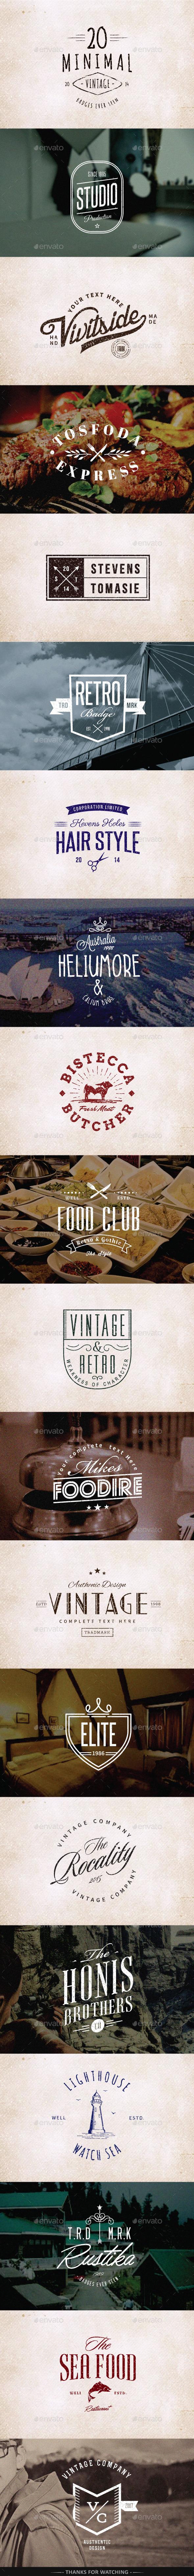 GraphicRiver Retro Vintage Minimal Logos Vol.01 9893633